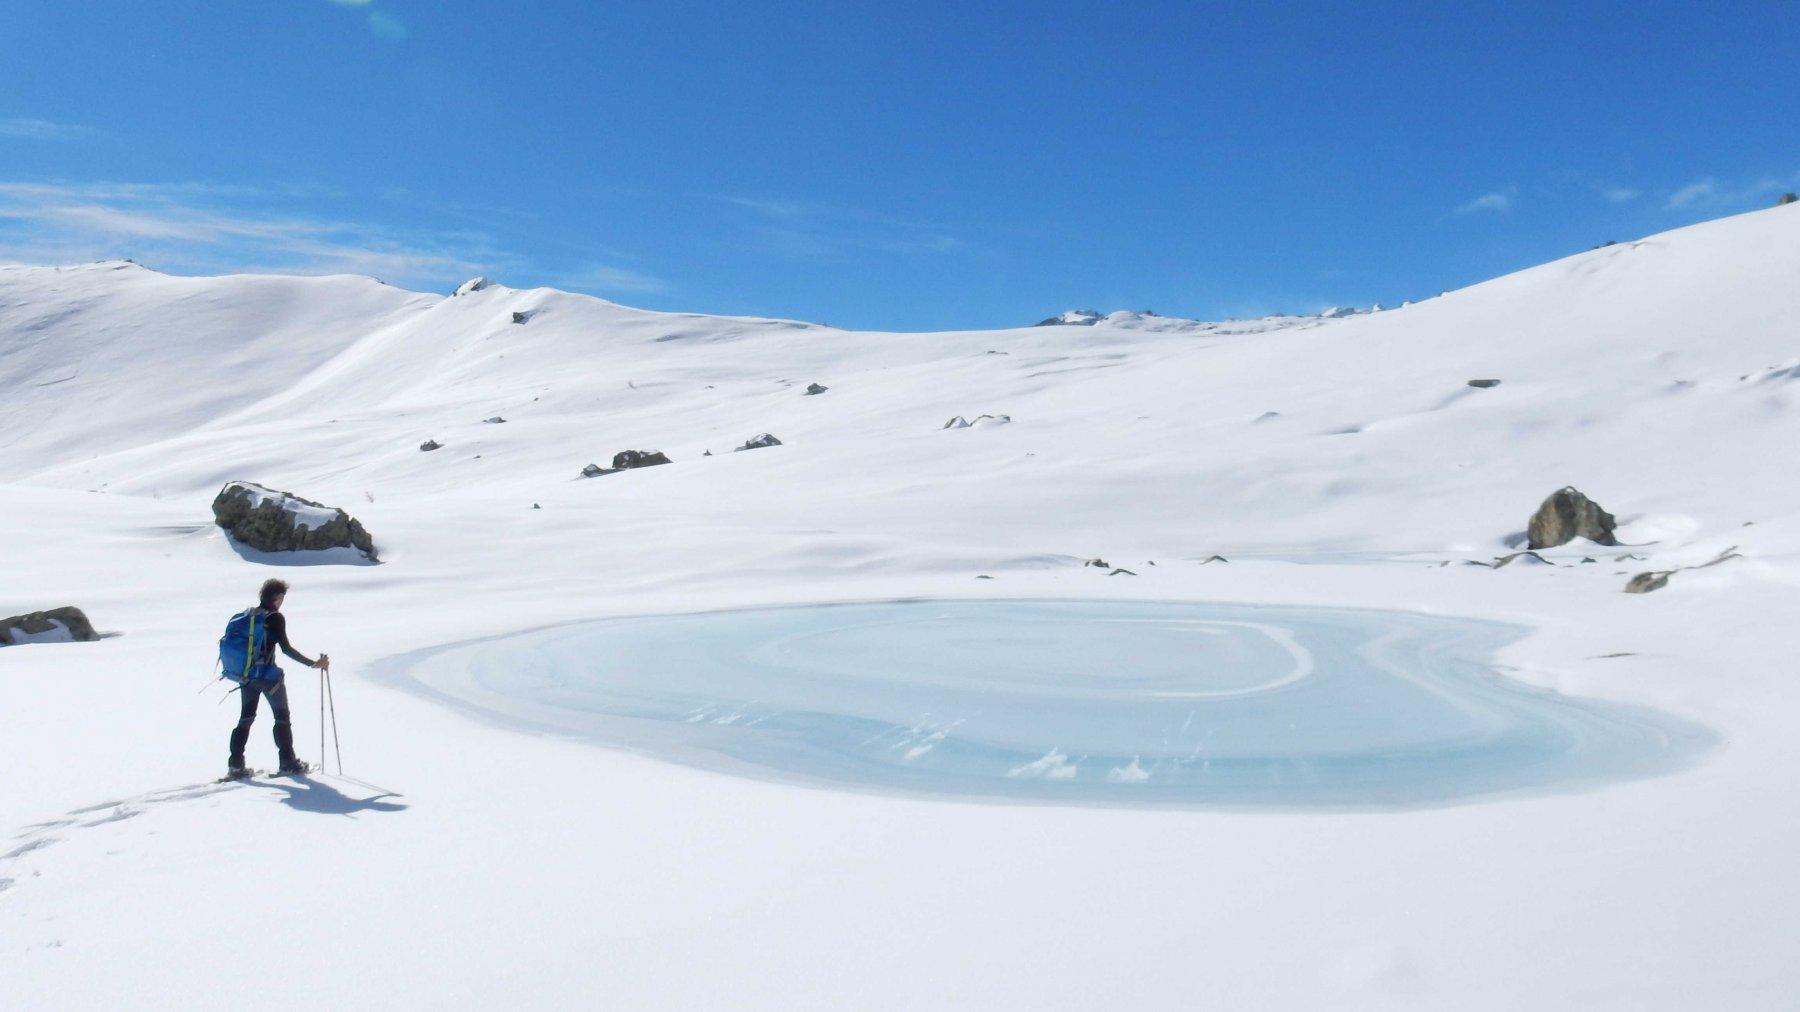 Laghetto ghiacciato tra l'Alp Raty Defour e l'Alp Raty Dessus.